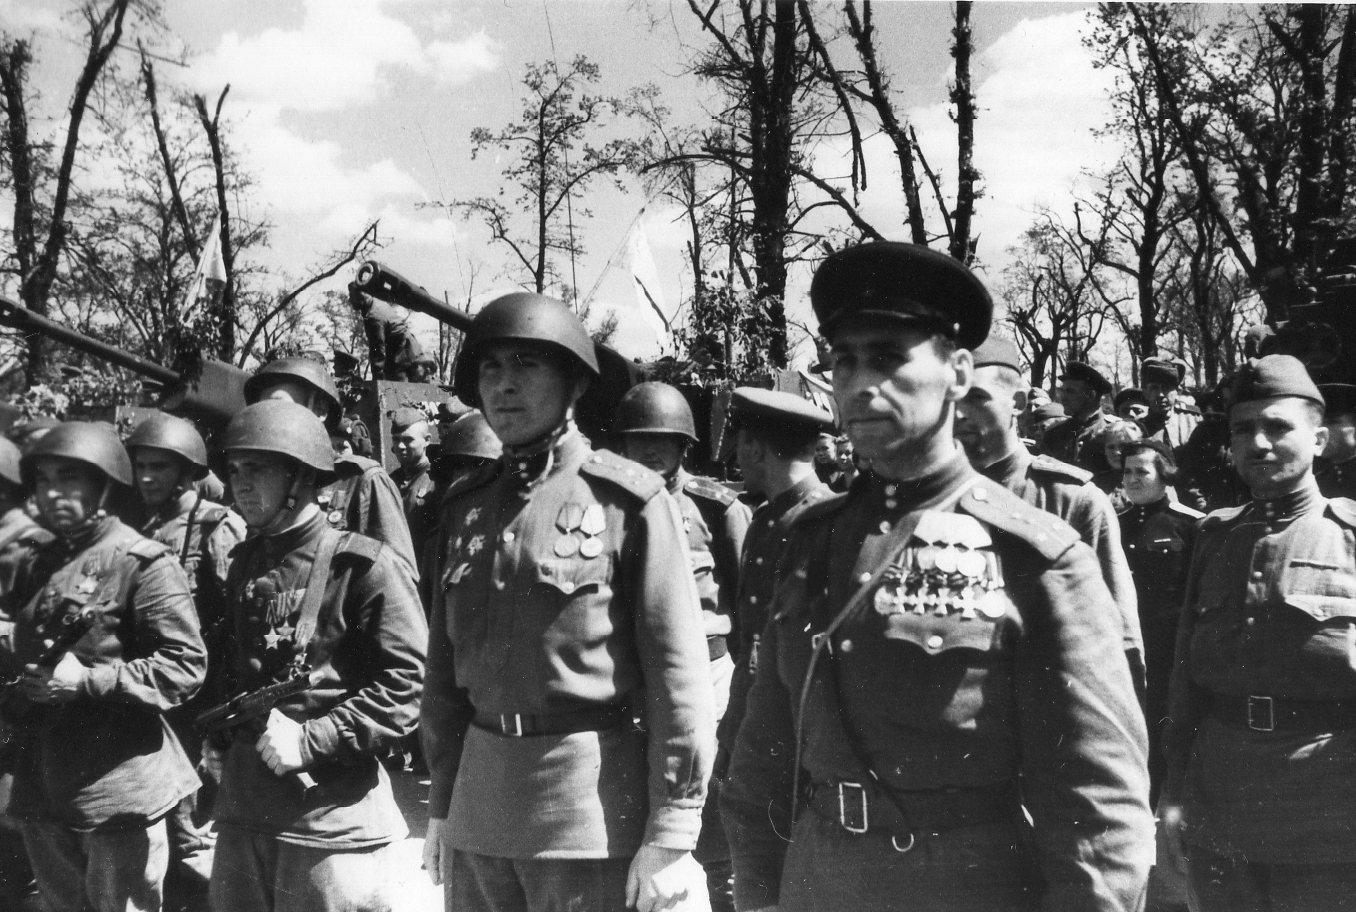 Георгиевский кавалер капитан Грусланов В.Н. в Берлине. 20 мая 1945 года (1)